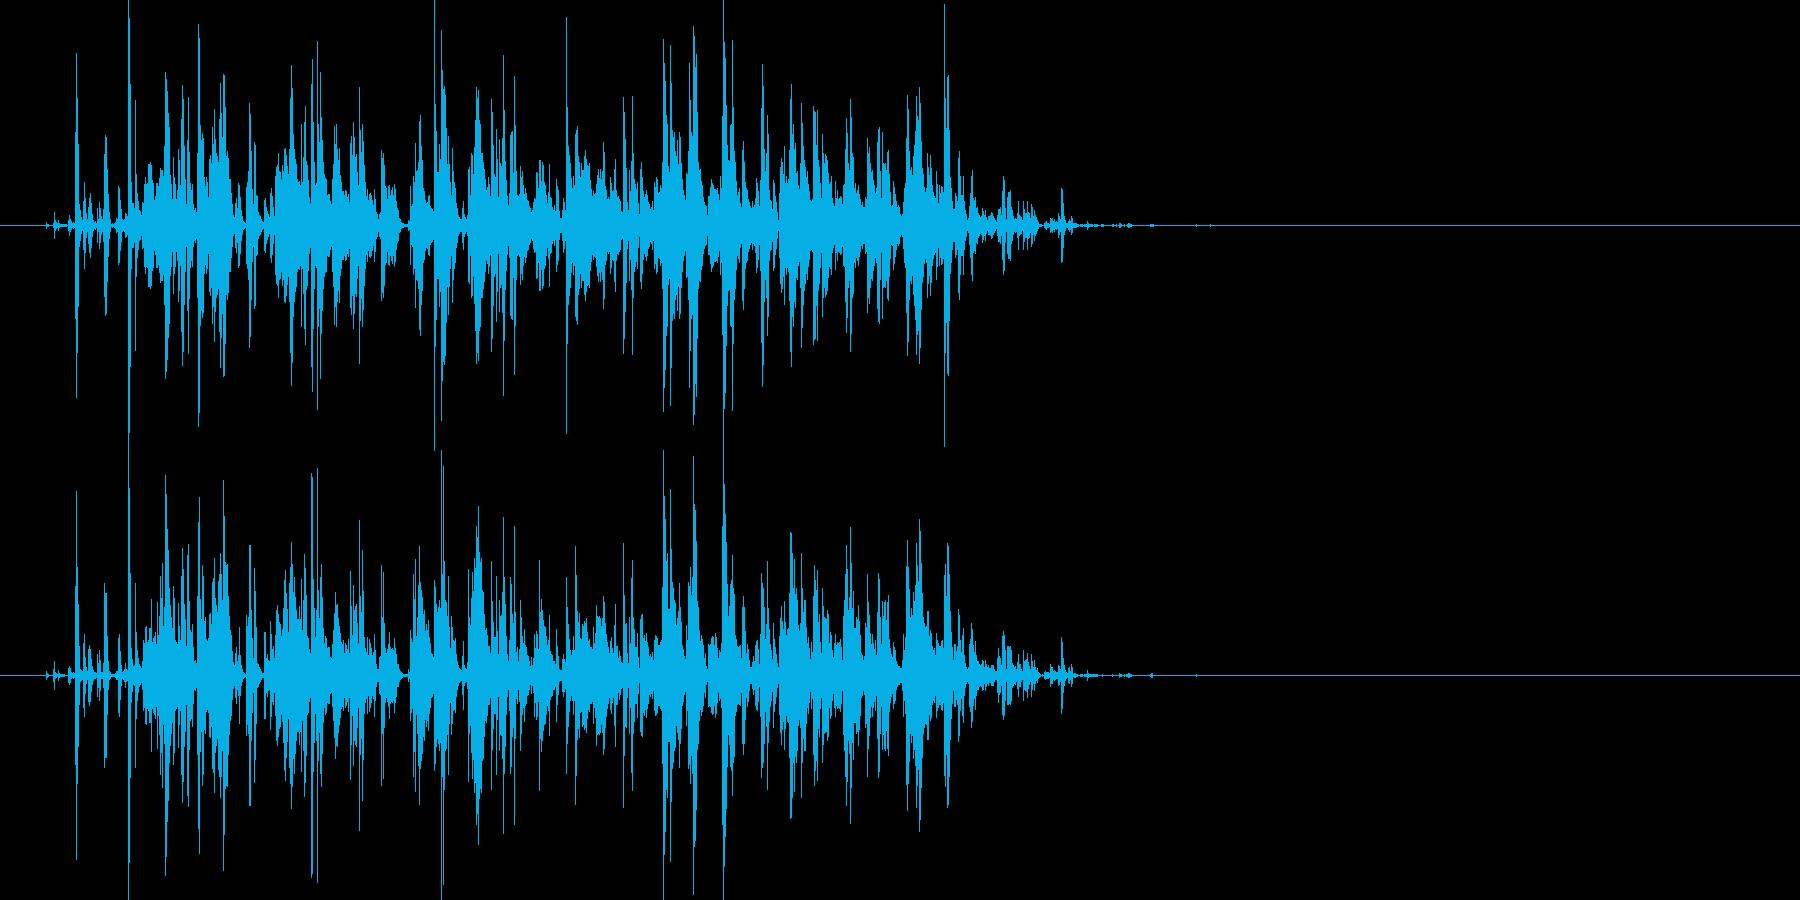 じゃらじゃら…大きめの鈴の音の再生済みの波形